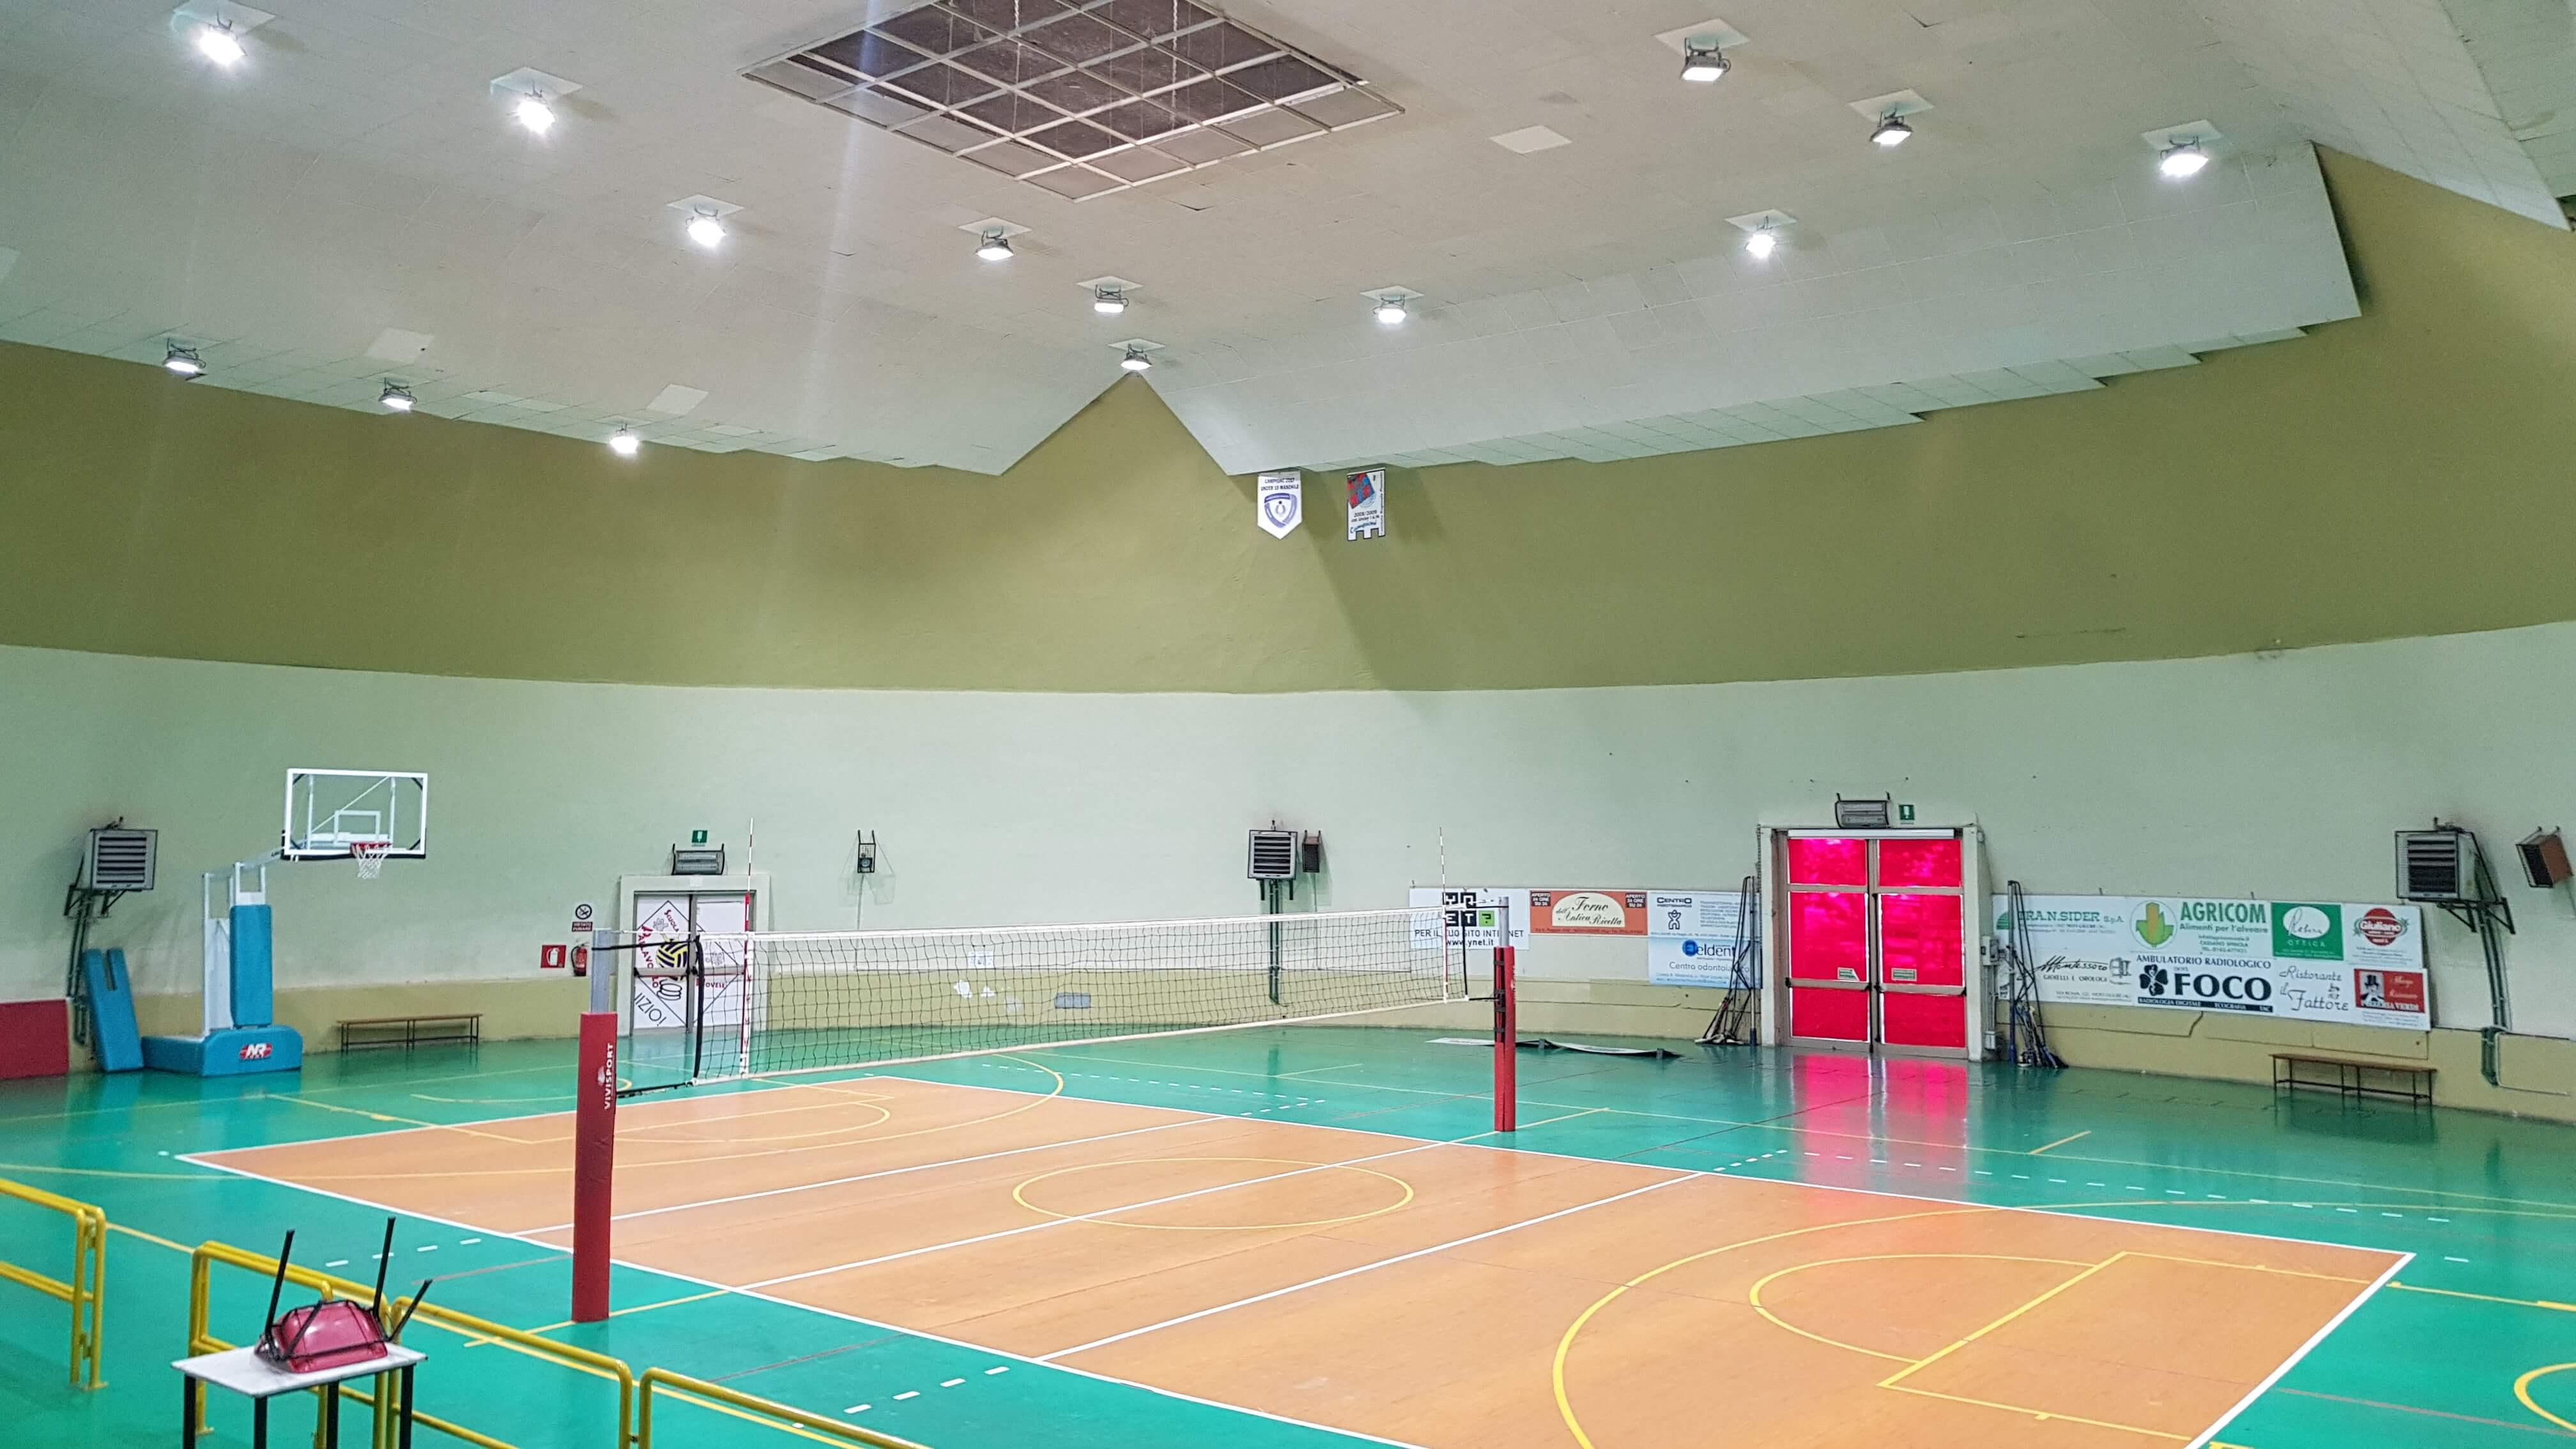 Palazzetto-dello-sport-di-novi-ligure-1